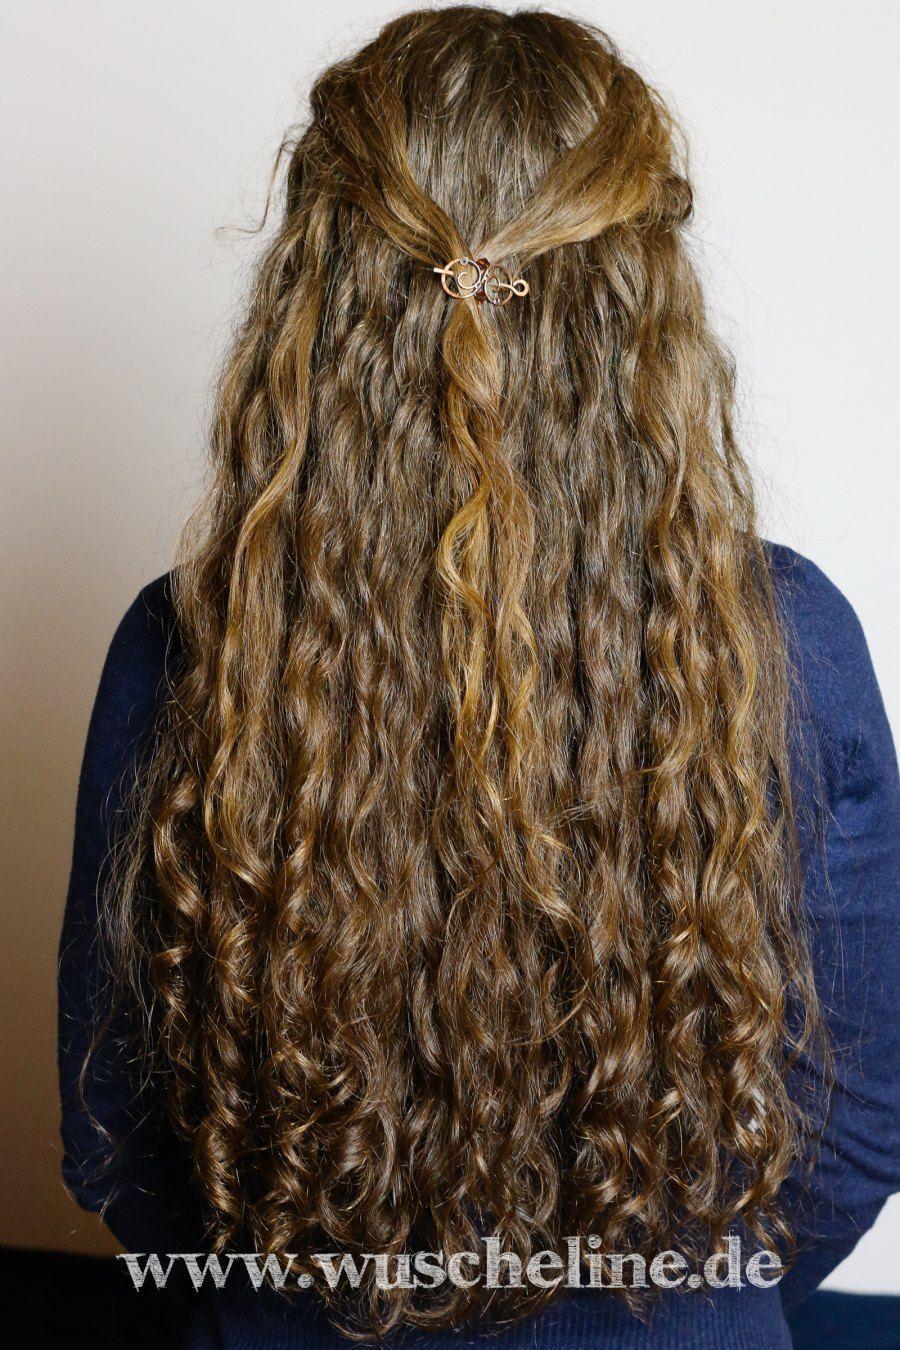 10 eigene haare von wuscheline my hair locken. Black Bedroom Furniture Sets. Home Design Ideas